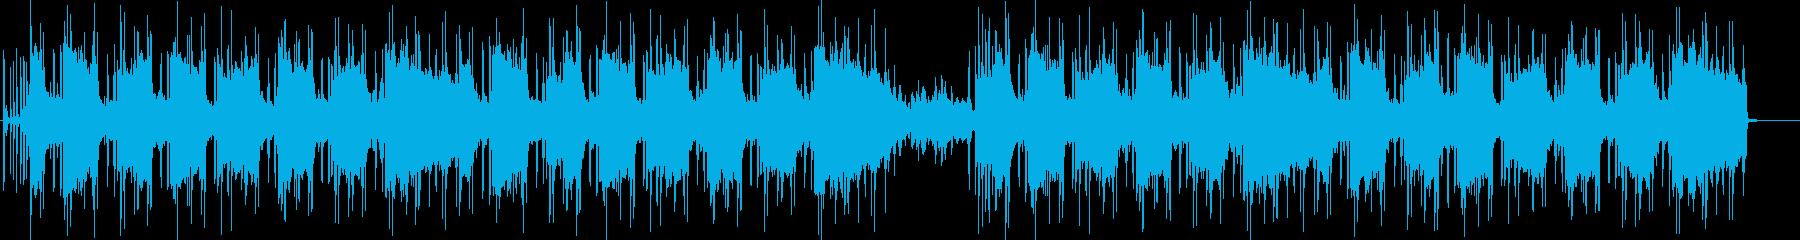 クールなLo-Fi HipHopオルガンの再生済みの波形